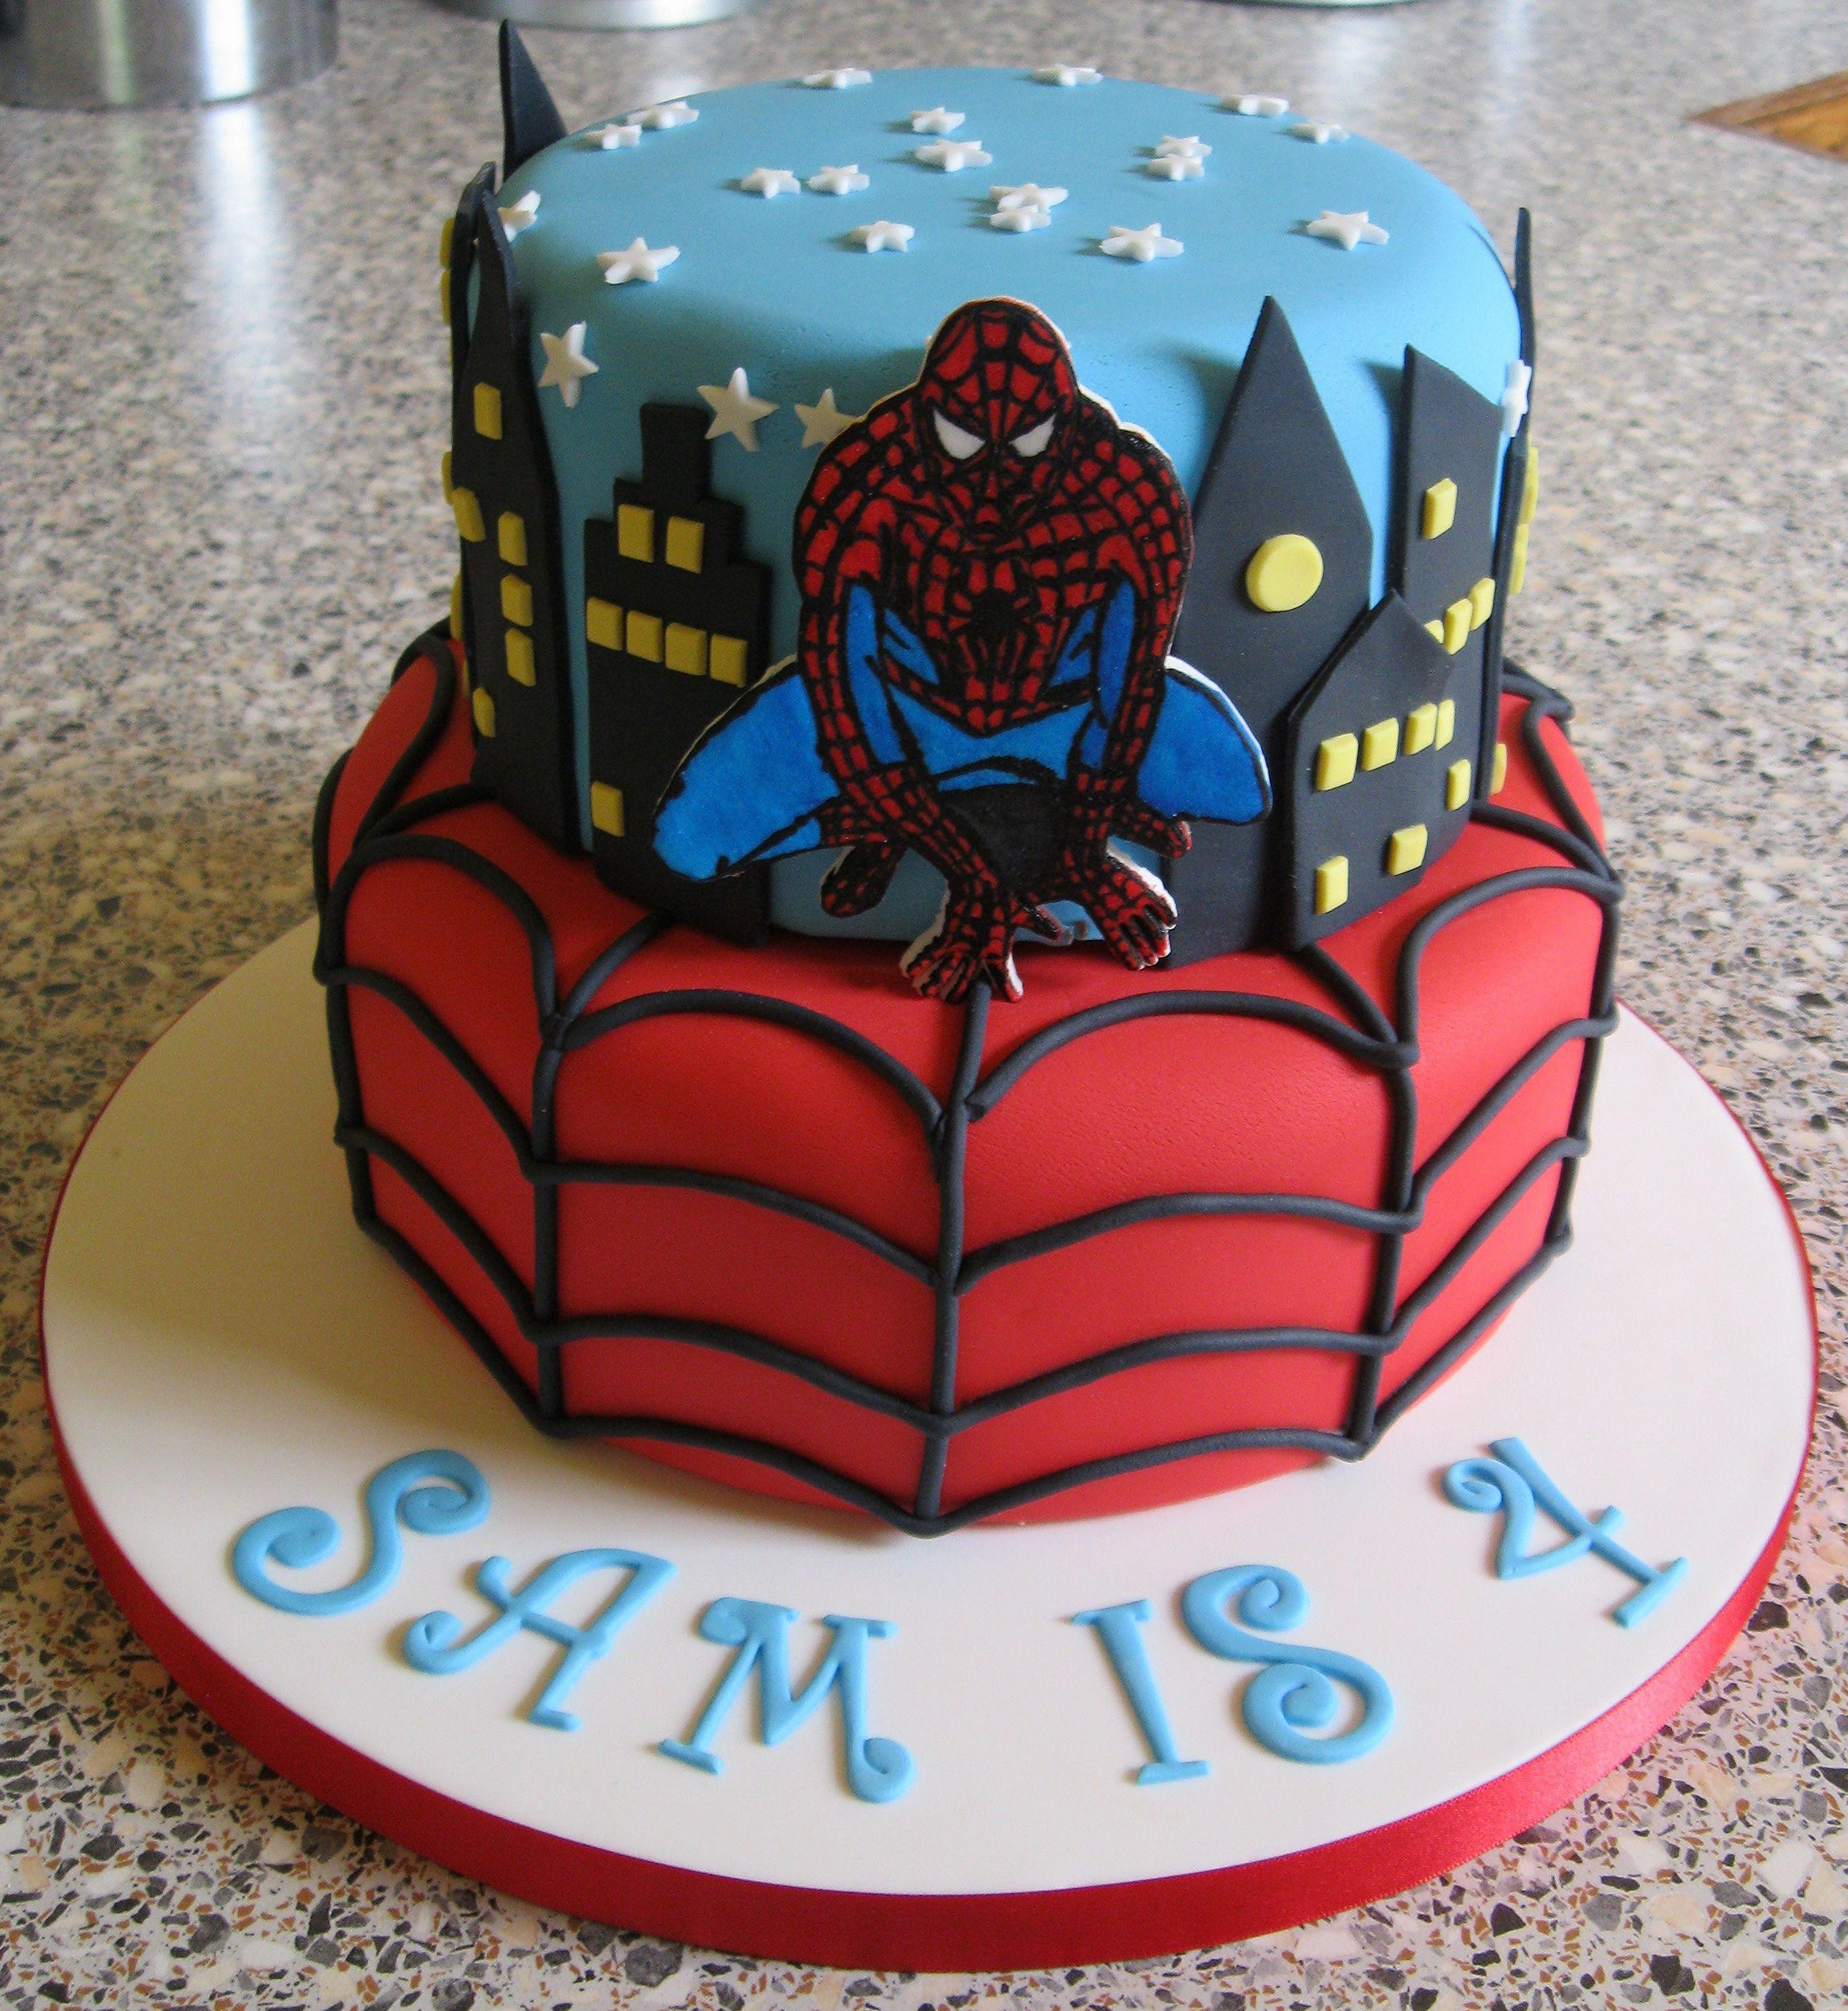 Magnificent Spiderman Birthday Cakes Best Spiderman Birthday Cakes Idea Funny Birthday Cards Online Alyptdamsfinfo